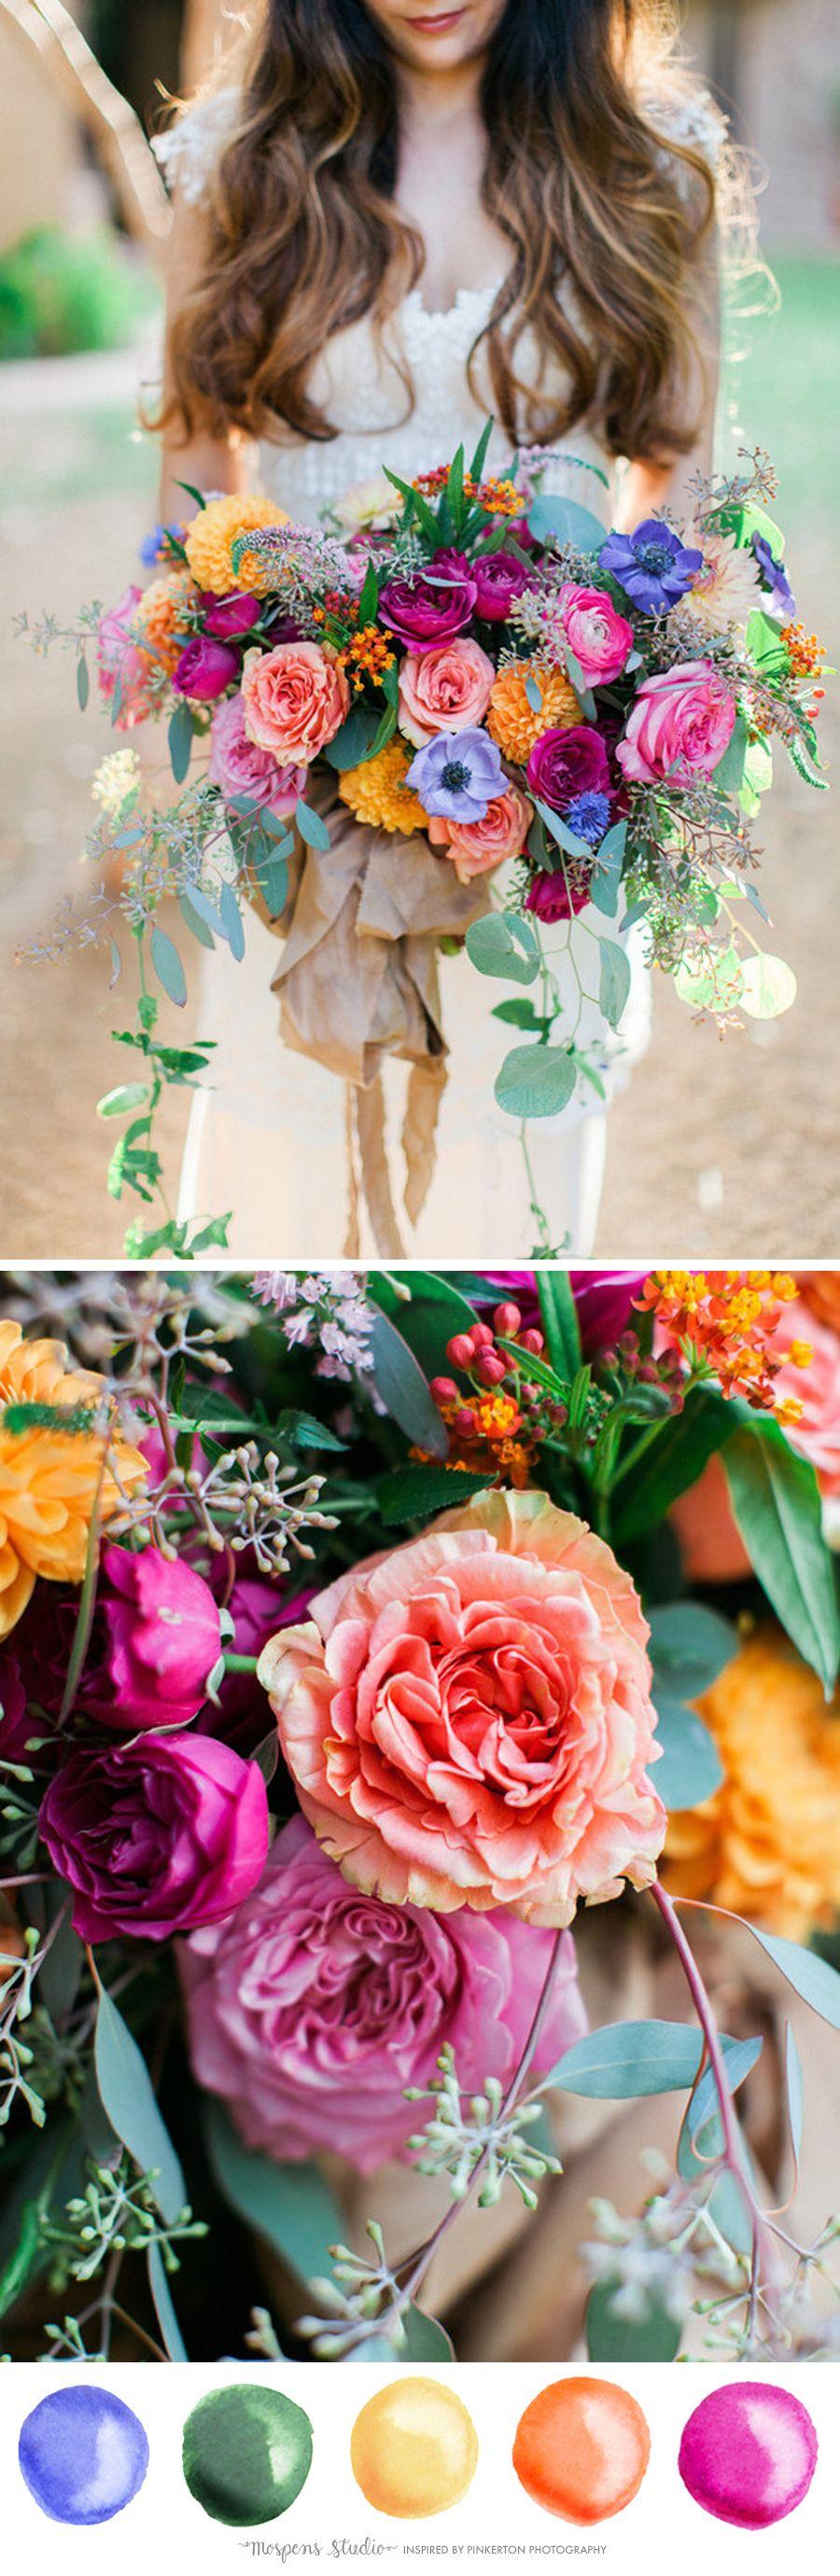 PINK INSPIRED COLOR PALETTE NO. 101 Summer wedding